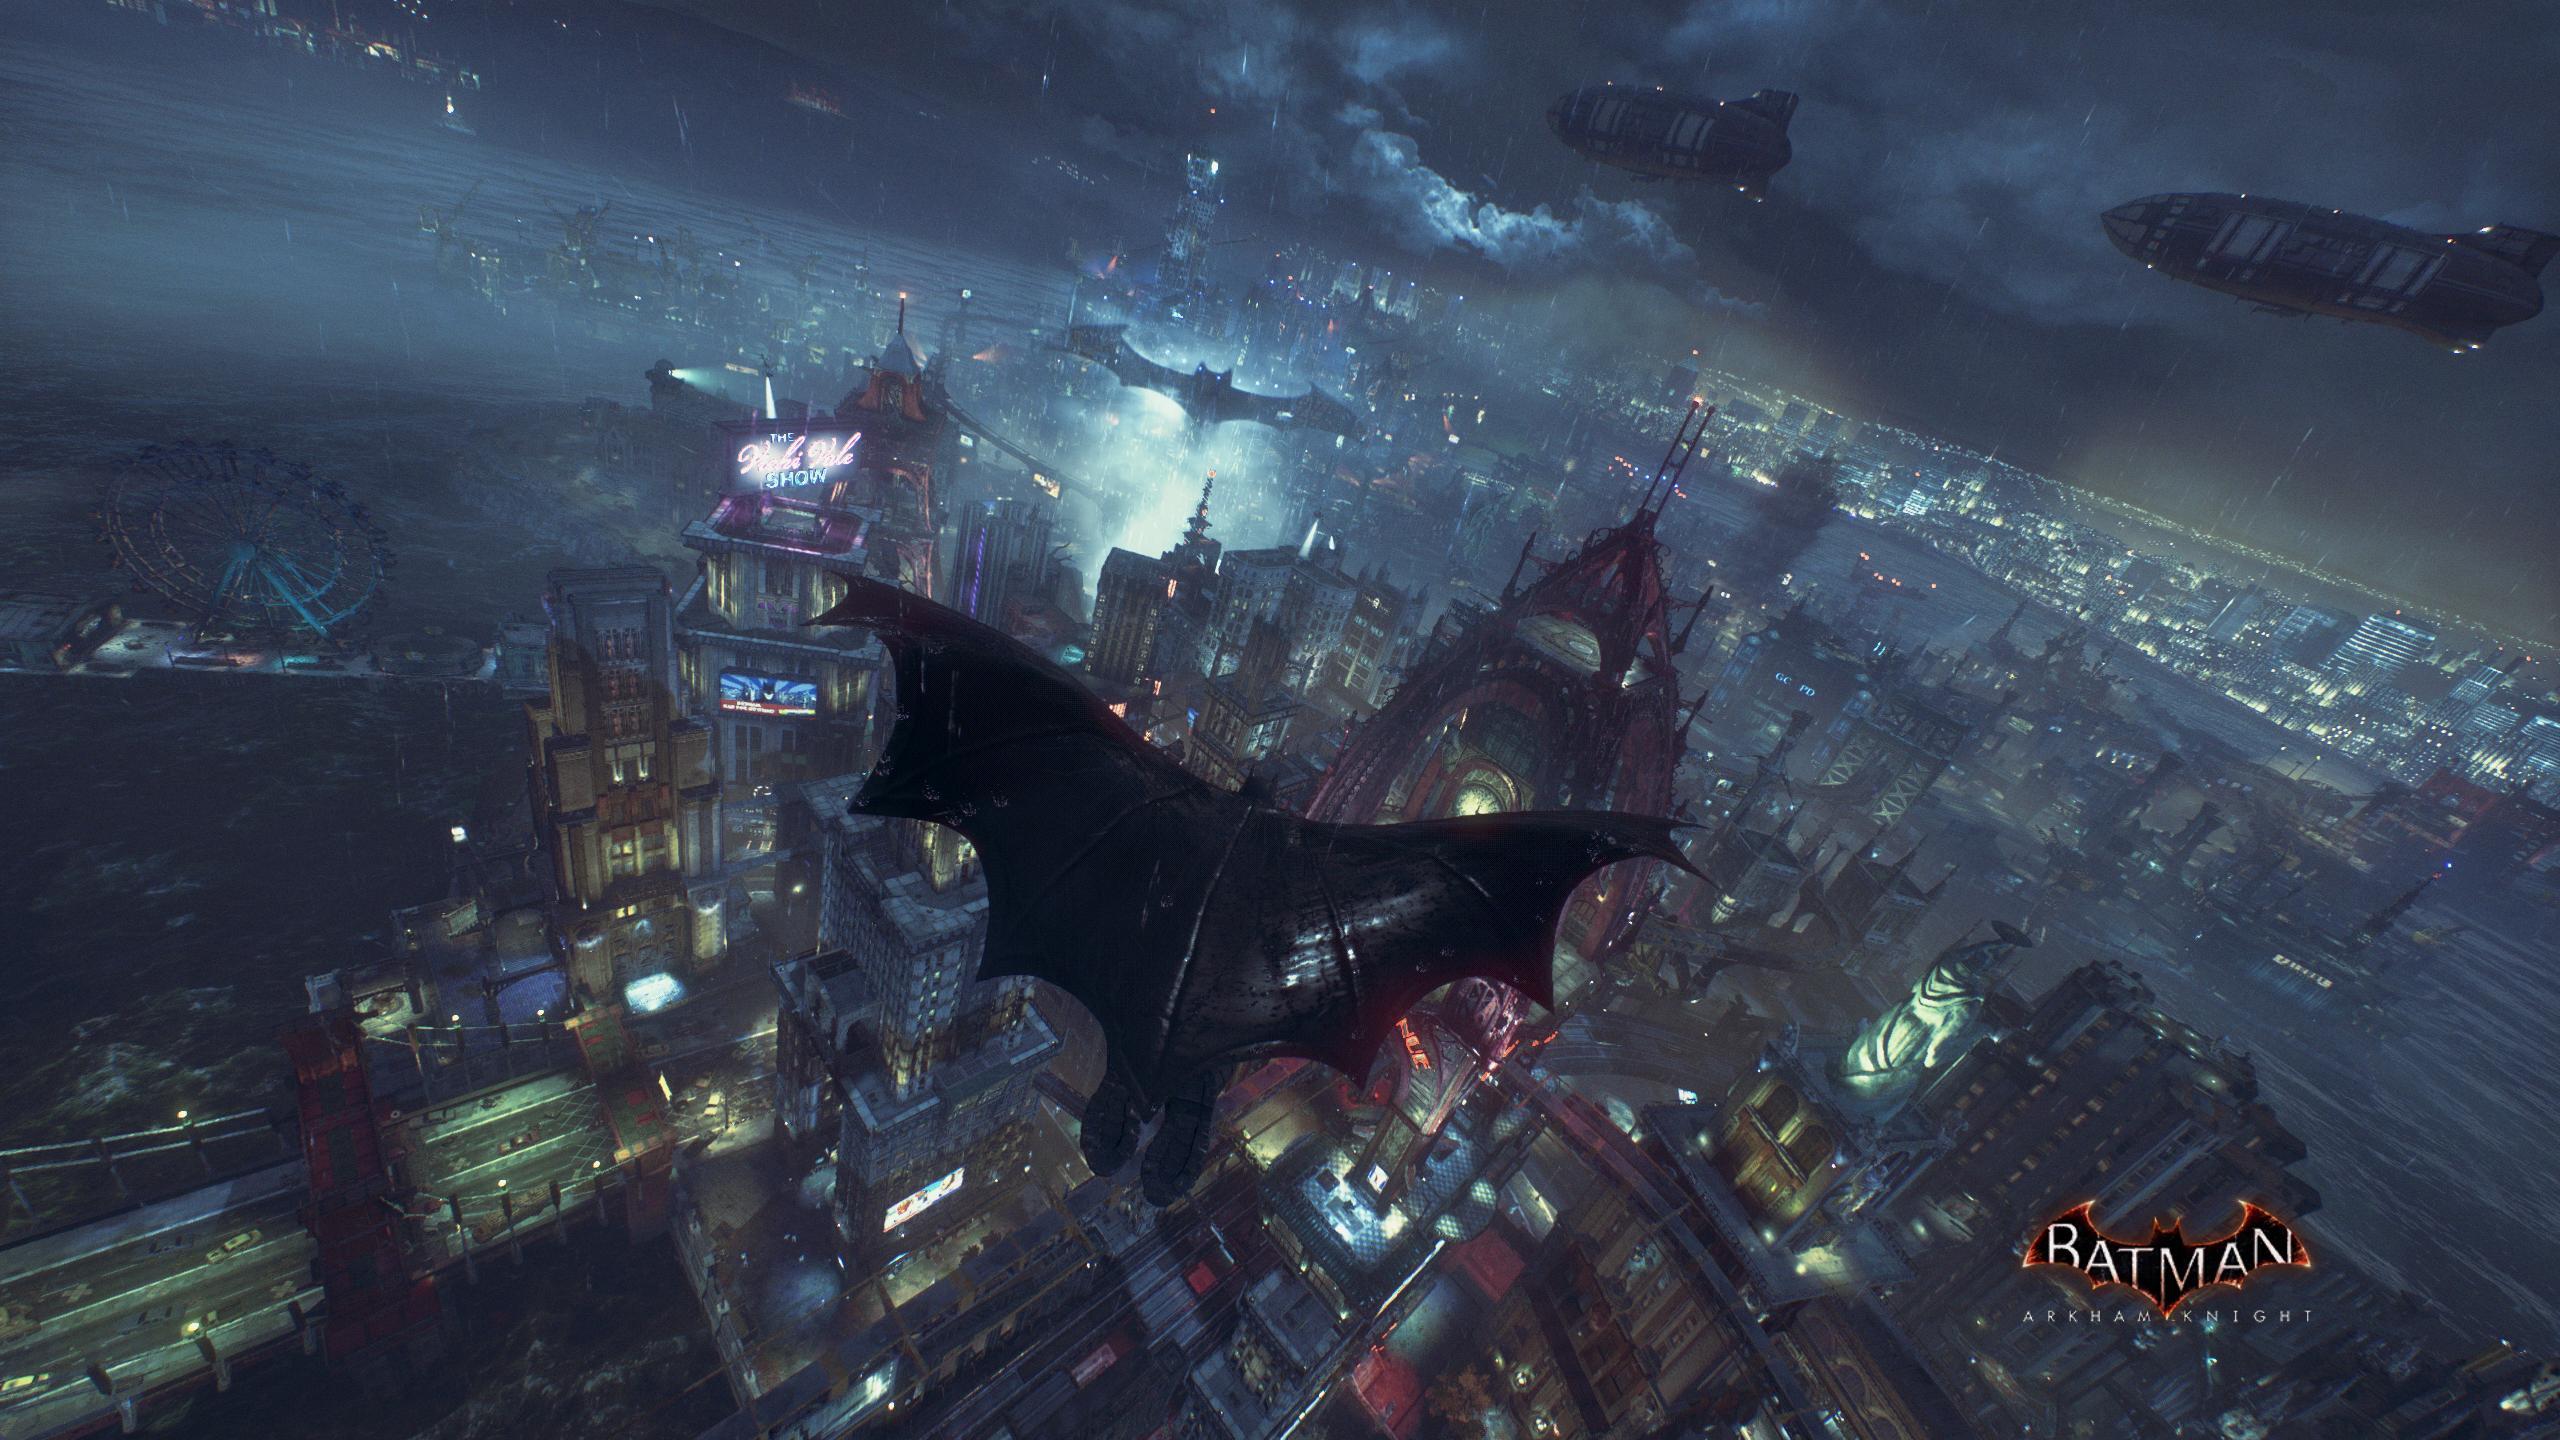 蝙蝠侠:阿卡姆骑士游戏评测20181010005